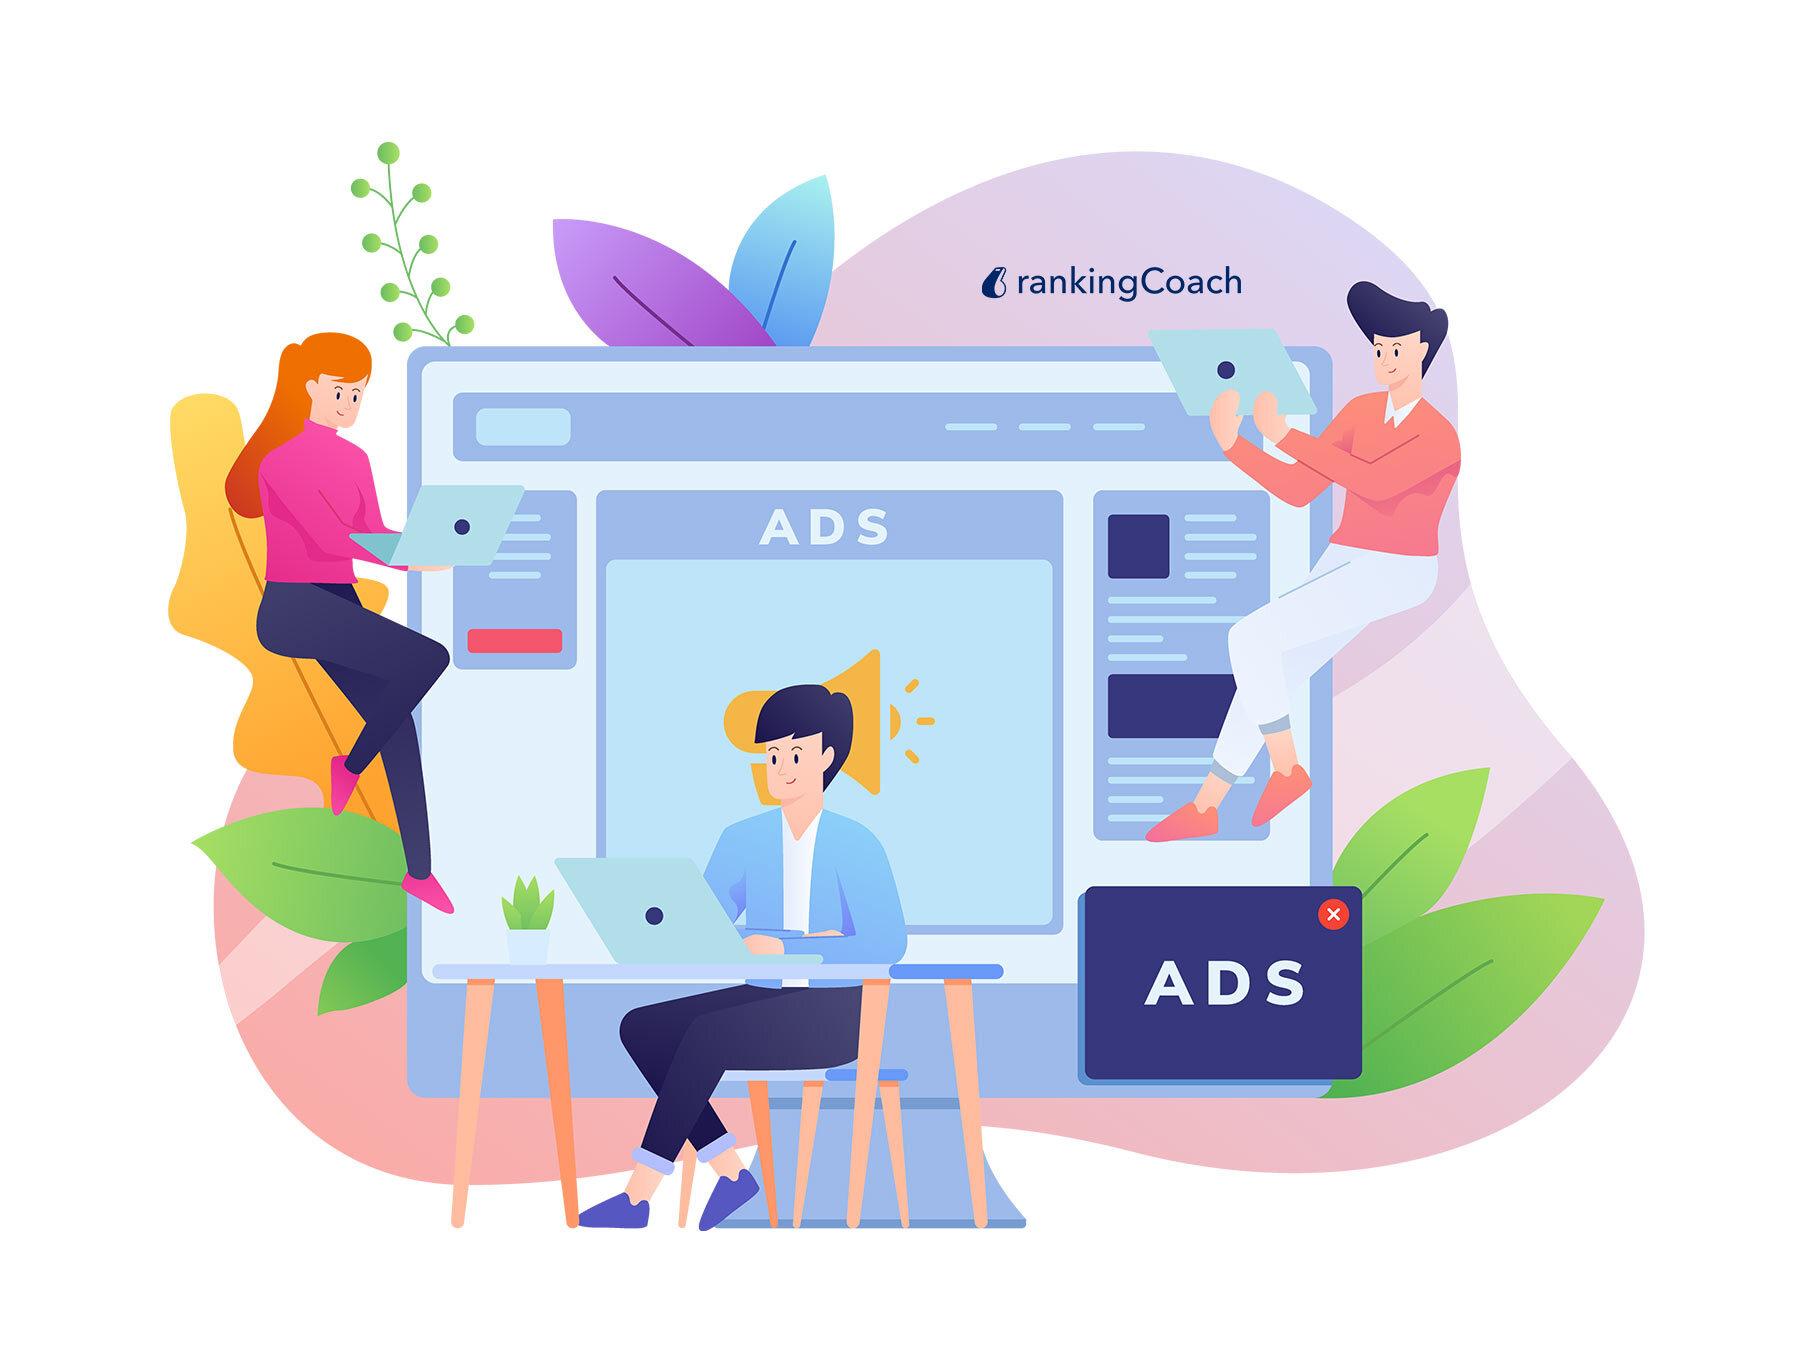 Dlaczego małe firmy powinny korzystać z Google Ads?